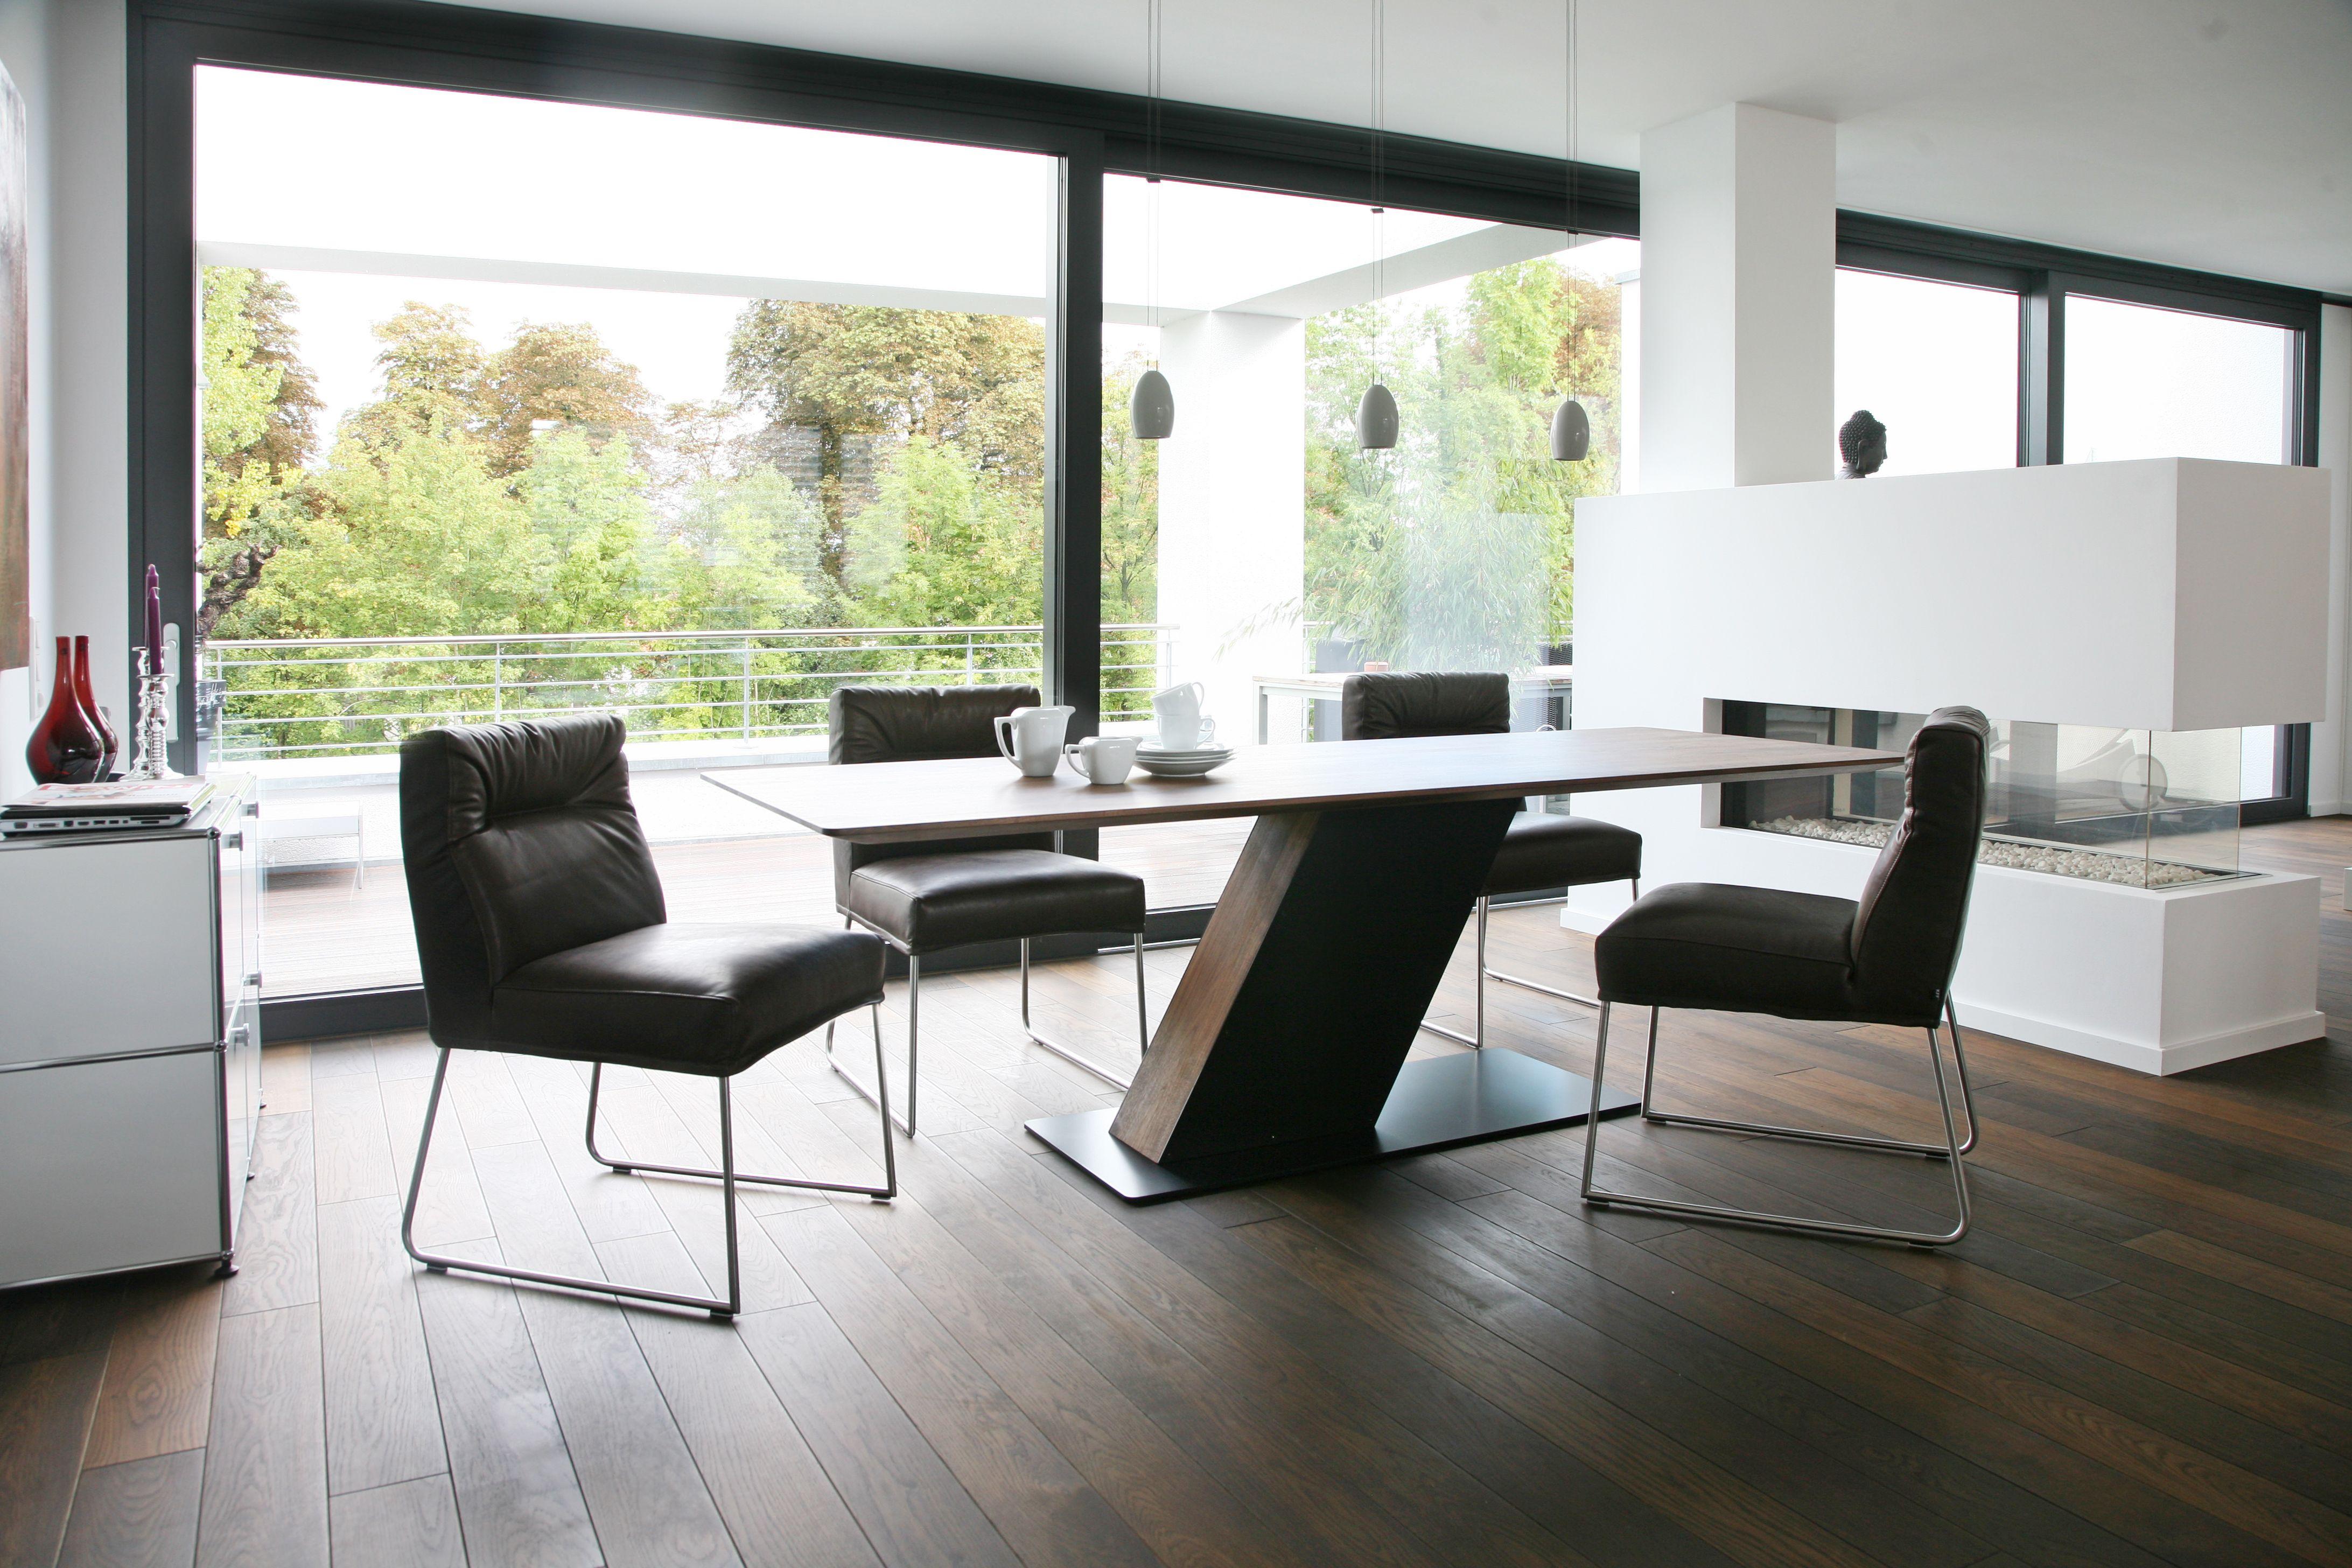 ein reines vergn gen niederlassen und wohlf hlen d light bringt sitzkomfort auf den punkt. Black Bedroom Furniture Sets. Home Design Ideas